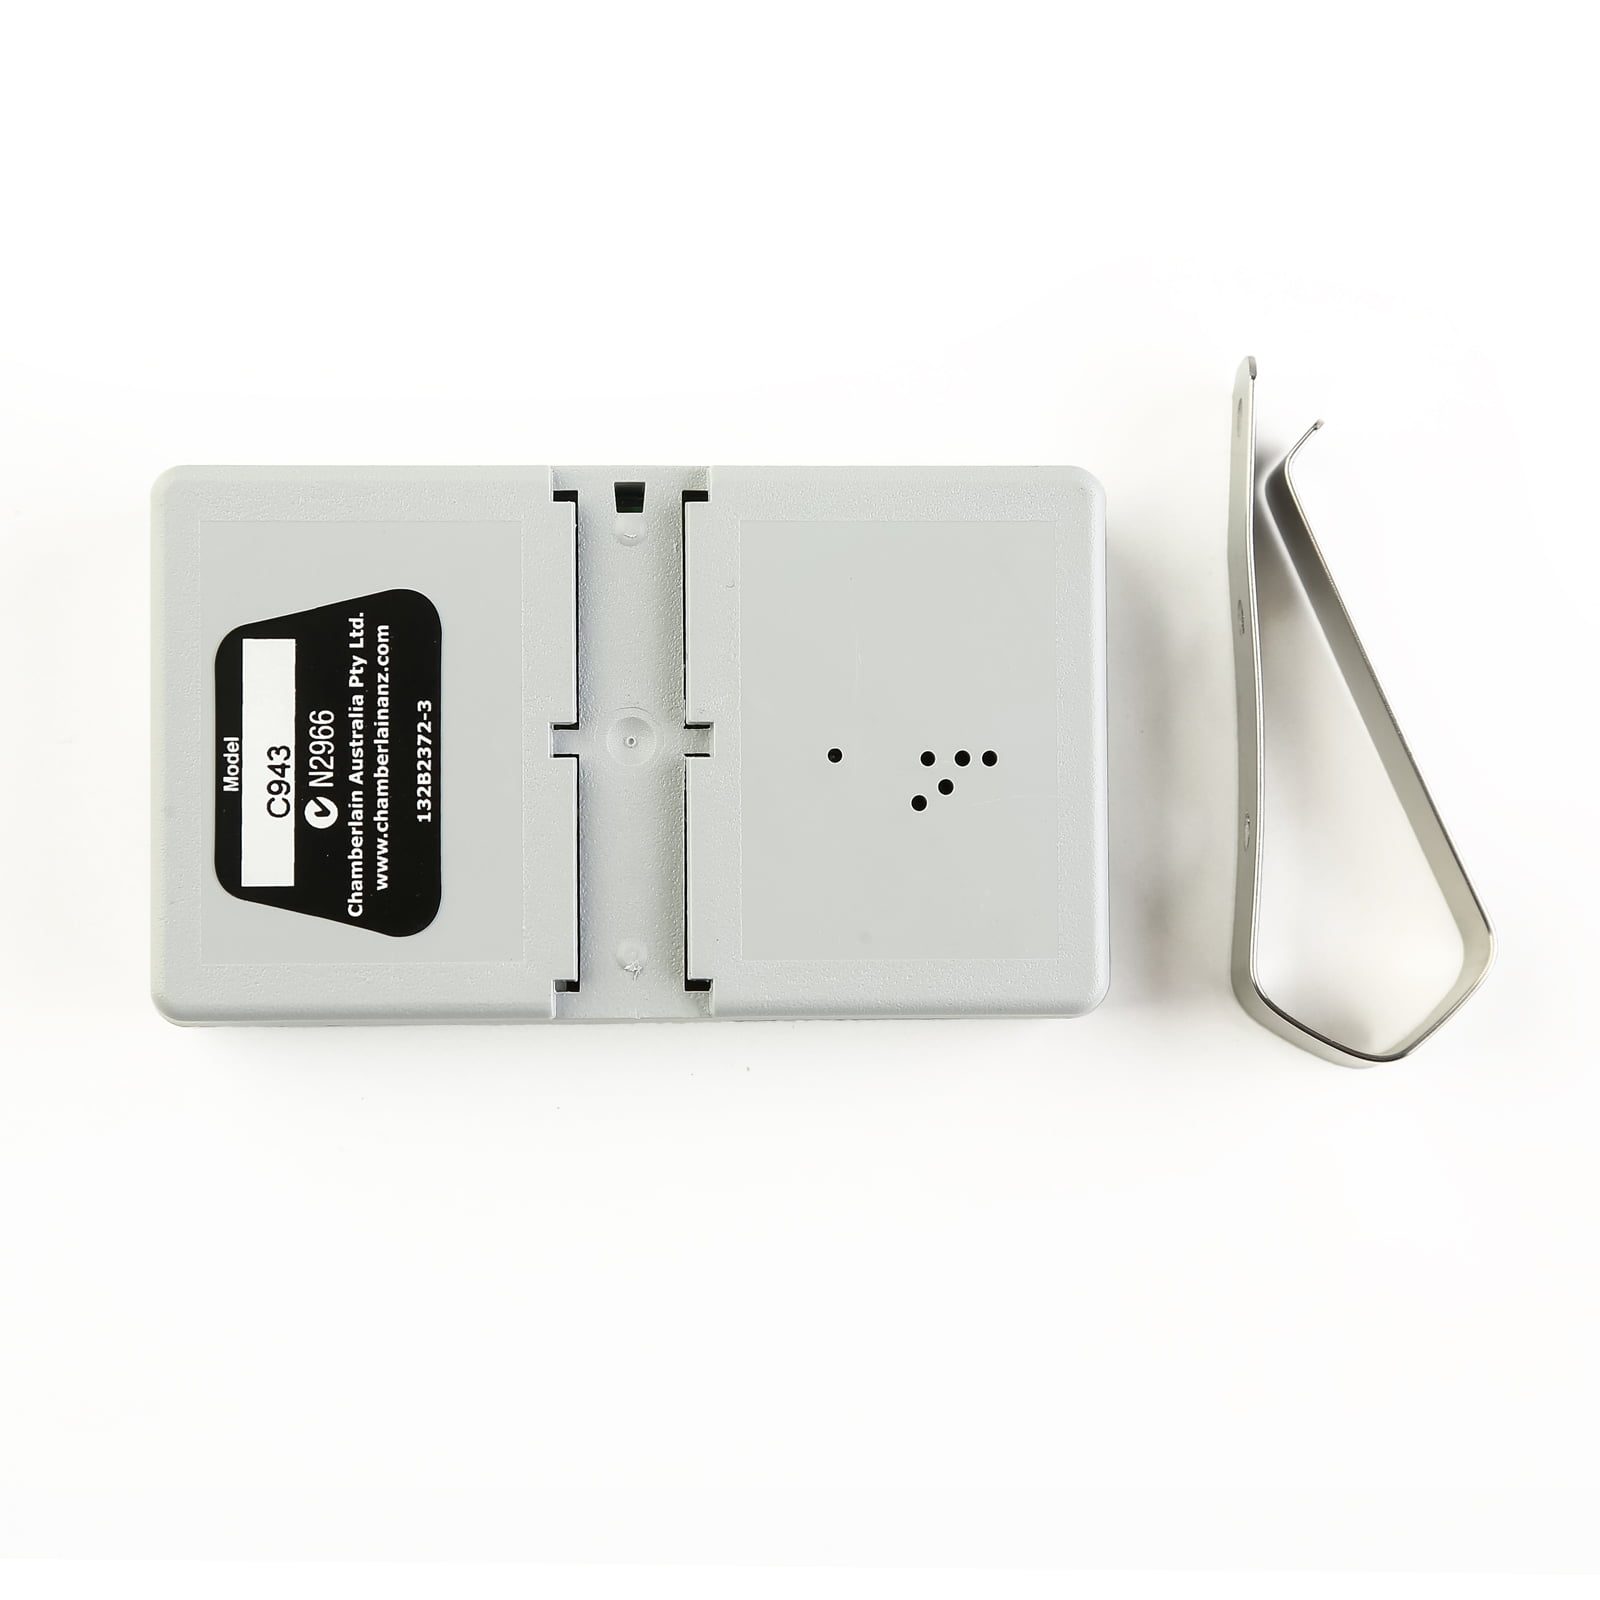 Merlin Visor Remote C943 Garage Door Remote Security